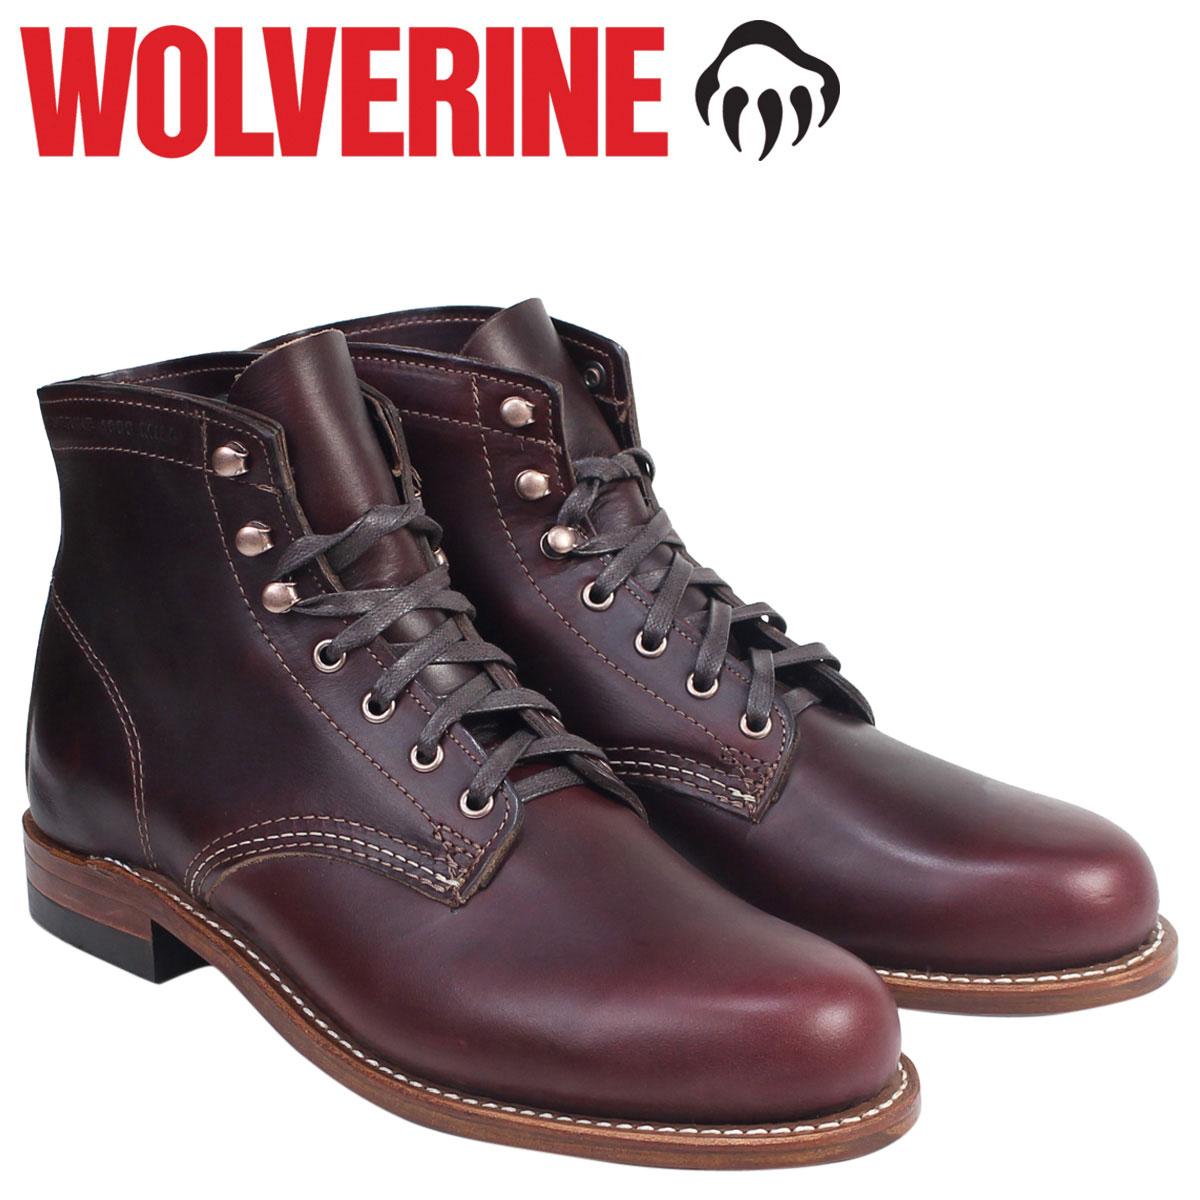 ウルヴァリン 1000マイル ブーツ WOLVERINE 1000MILE ワークブーツ  BOOT NO 8  W00137 コードバン  メンズ [9/27 追加入荷]